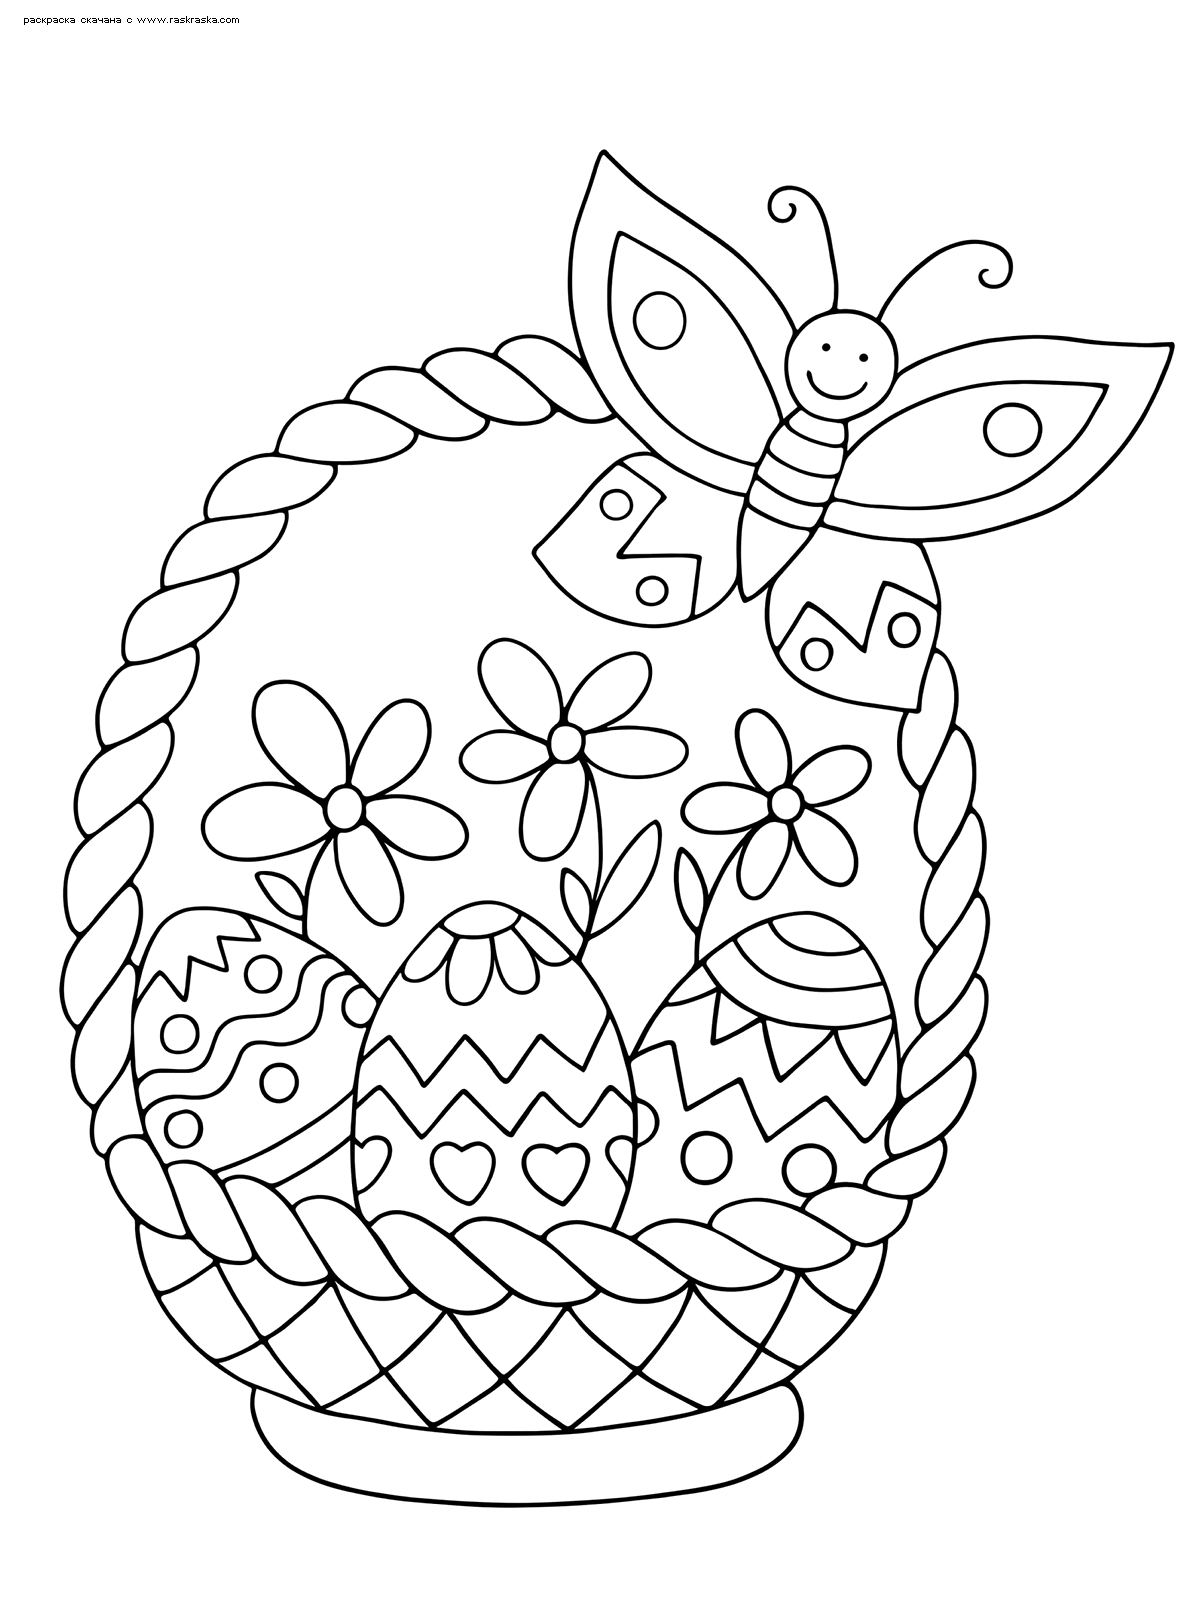 Раскраска Корзинка с Пасхальными яйцами. Раскраска пасха, яйца